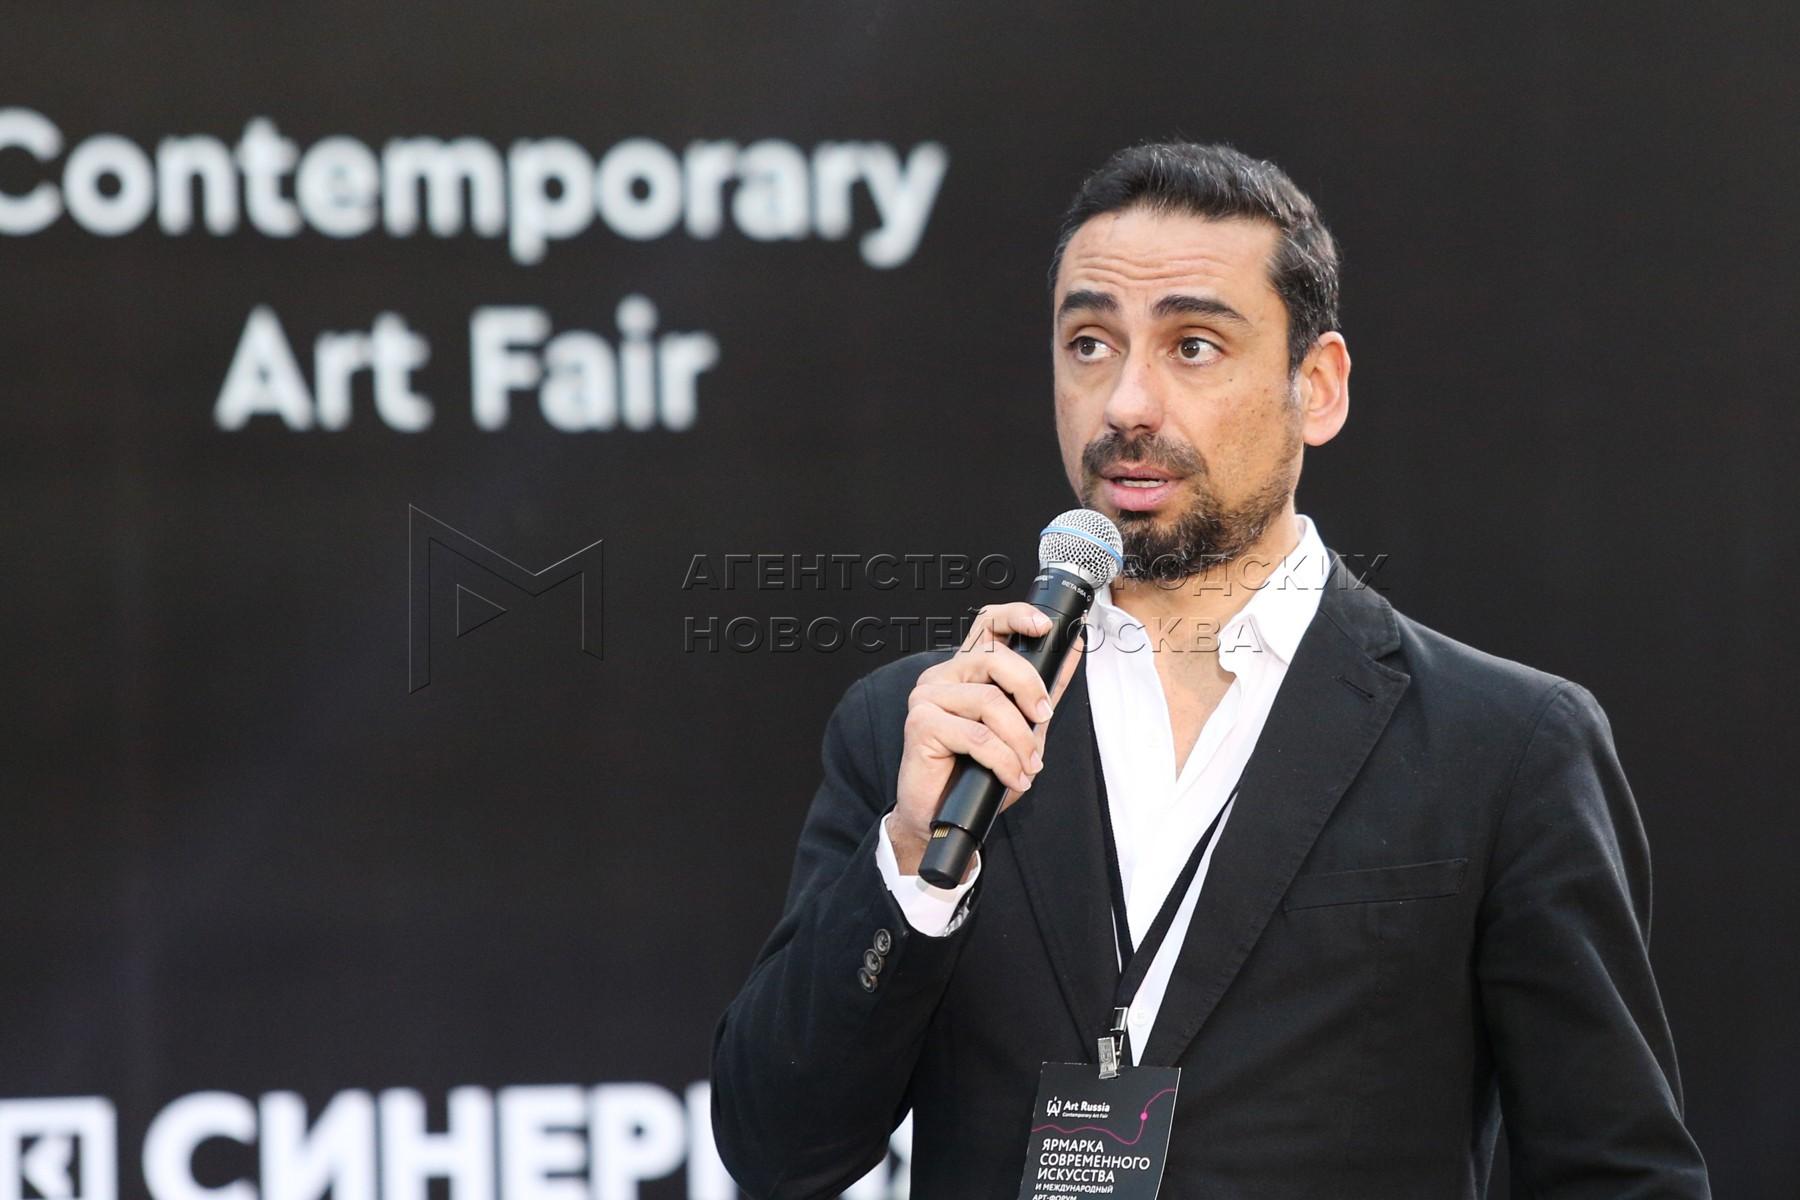 Директор арт-резиденции Pico do Refugio (Португалия) Луис Бернардо Брито на ярмарке современного искусства Art Russia и международный Арт-форум в Гостином дворе.